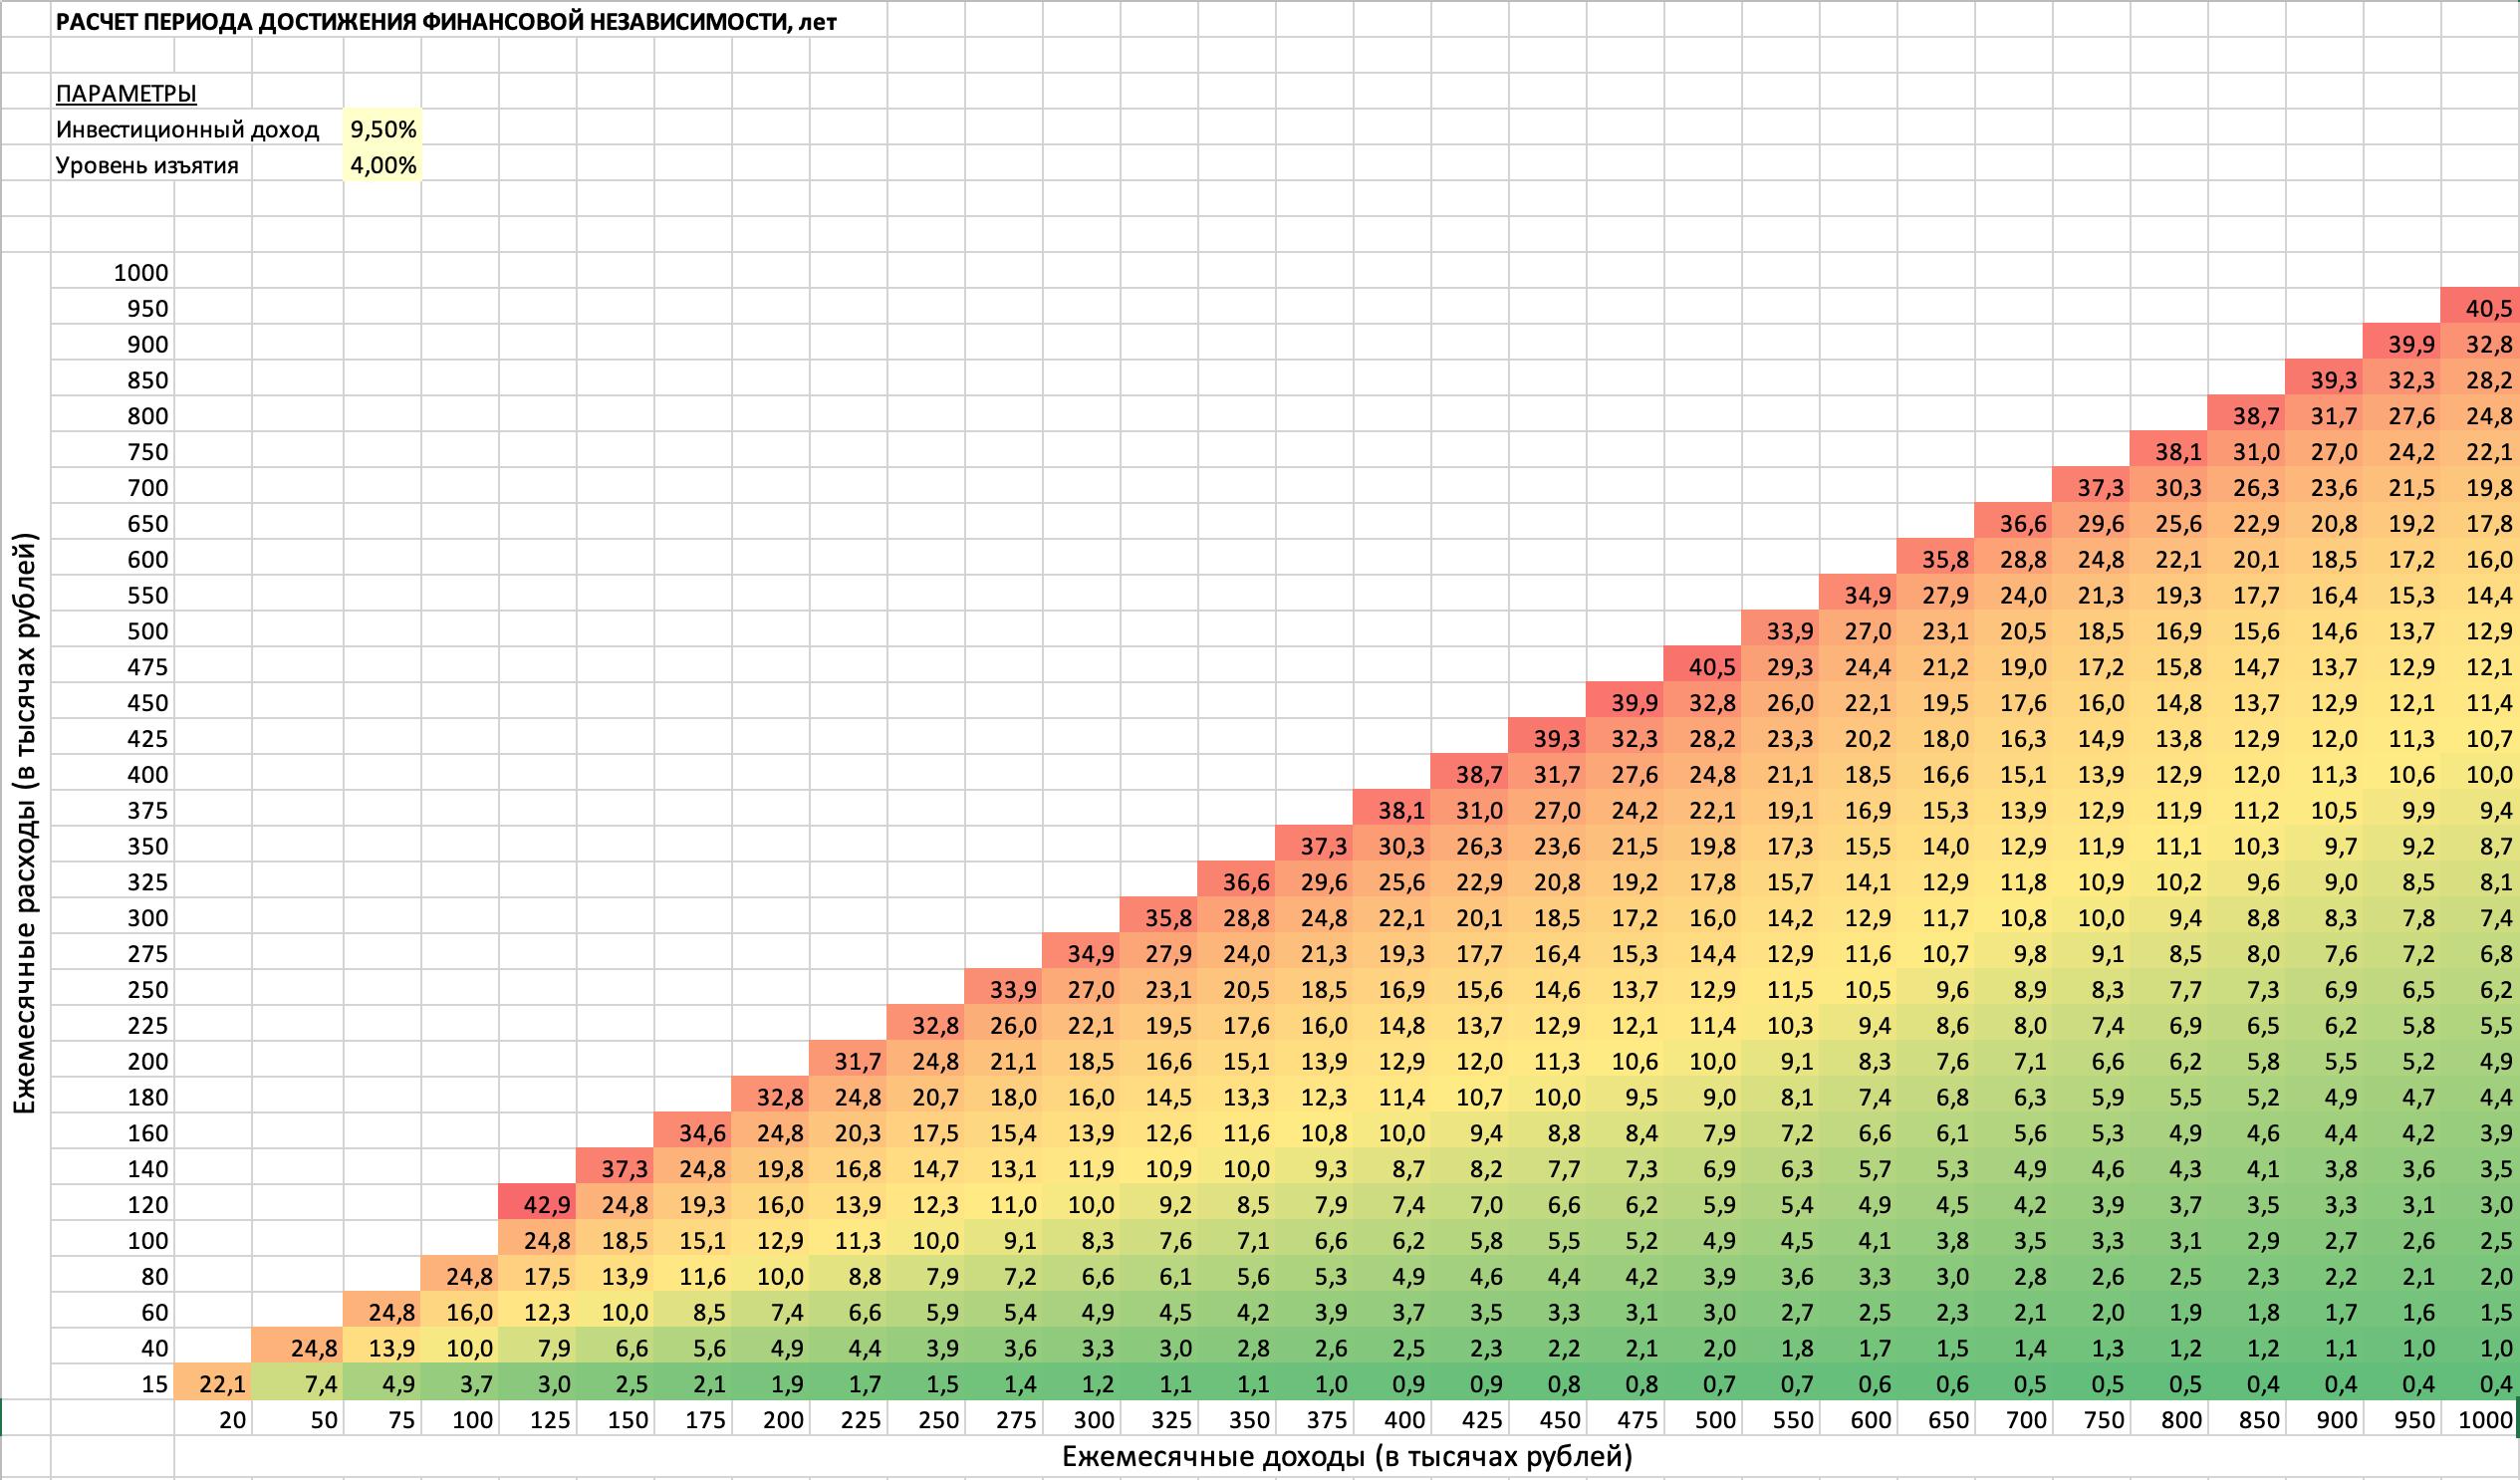 График, демонстрирующий сколько лет нужно копить на пенсию из расчета, что ваш инвестиционный доход – 9,5%, а уровень изъятия – 4%